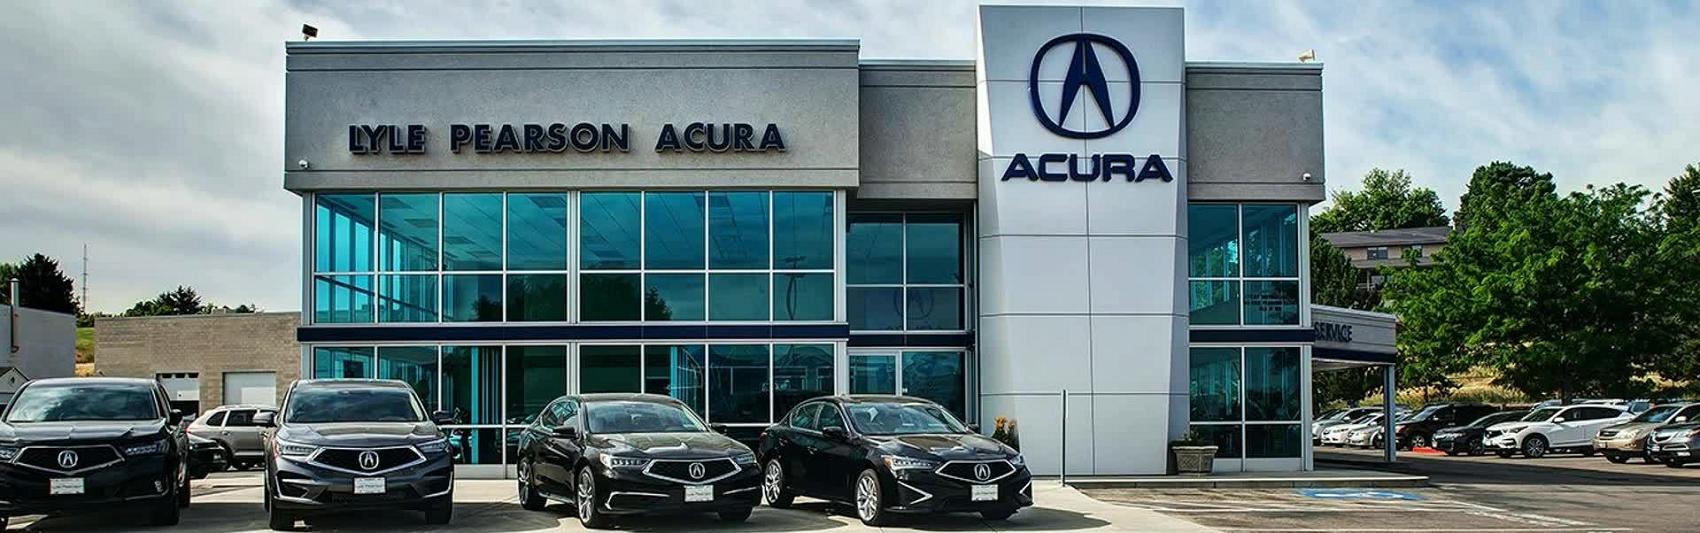 Acura Dealer near Meridian